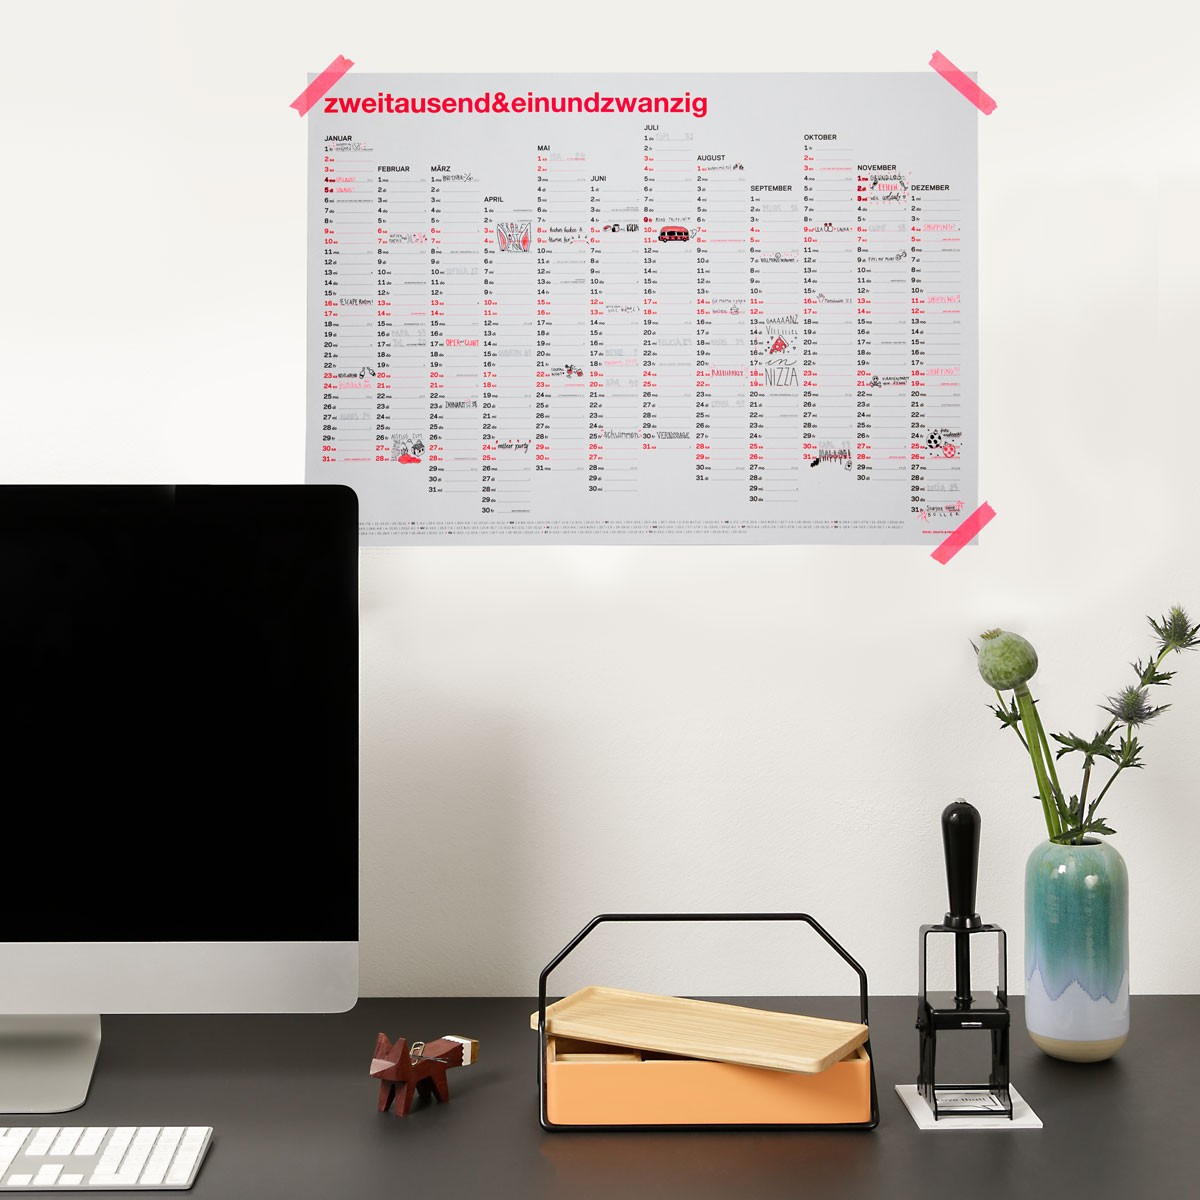 zweitausend&einundzwanzig - DIN A2 Wandkalender 2021 - Neon-Korall Schwarz Gold